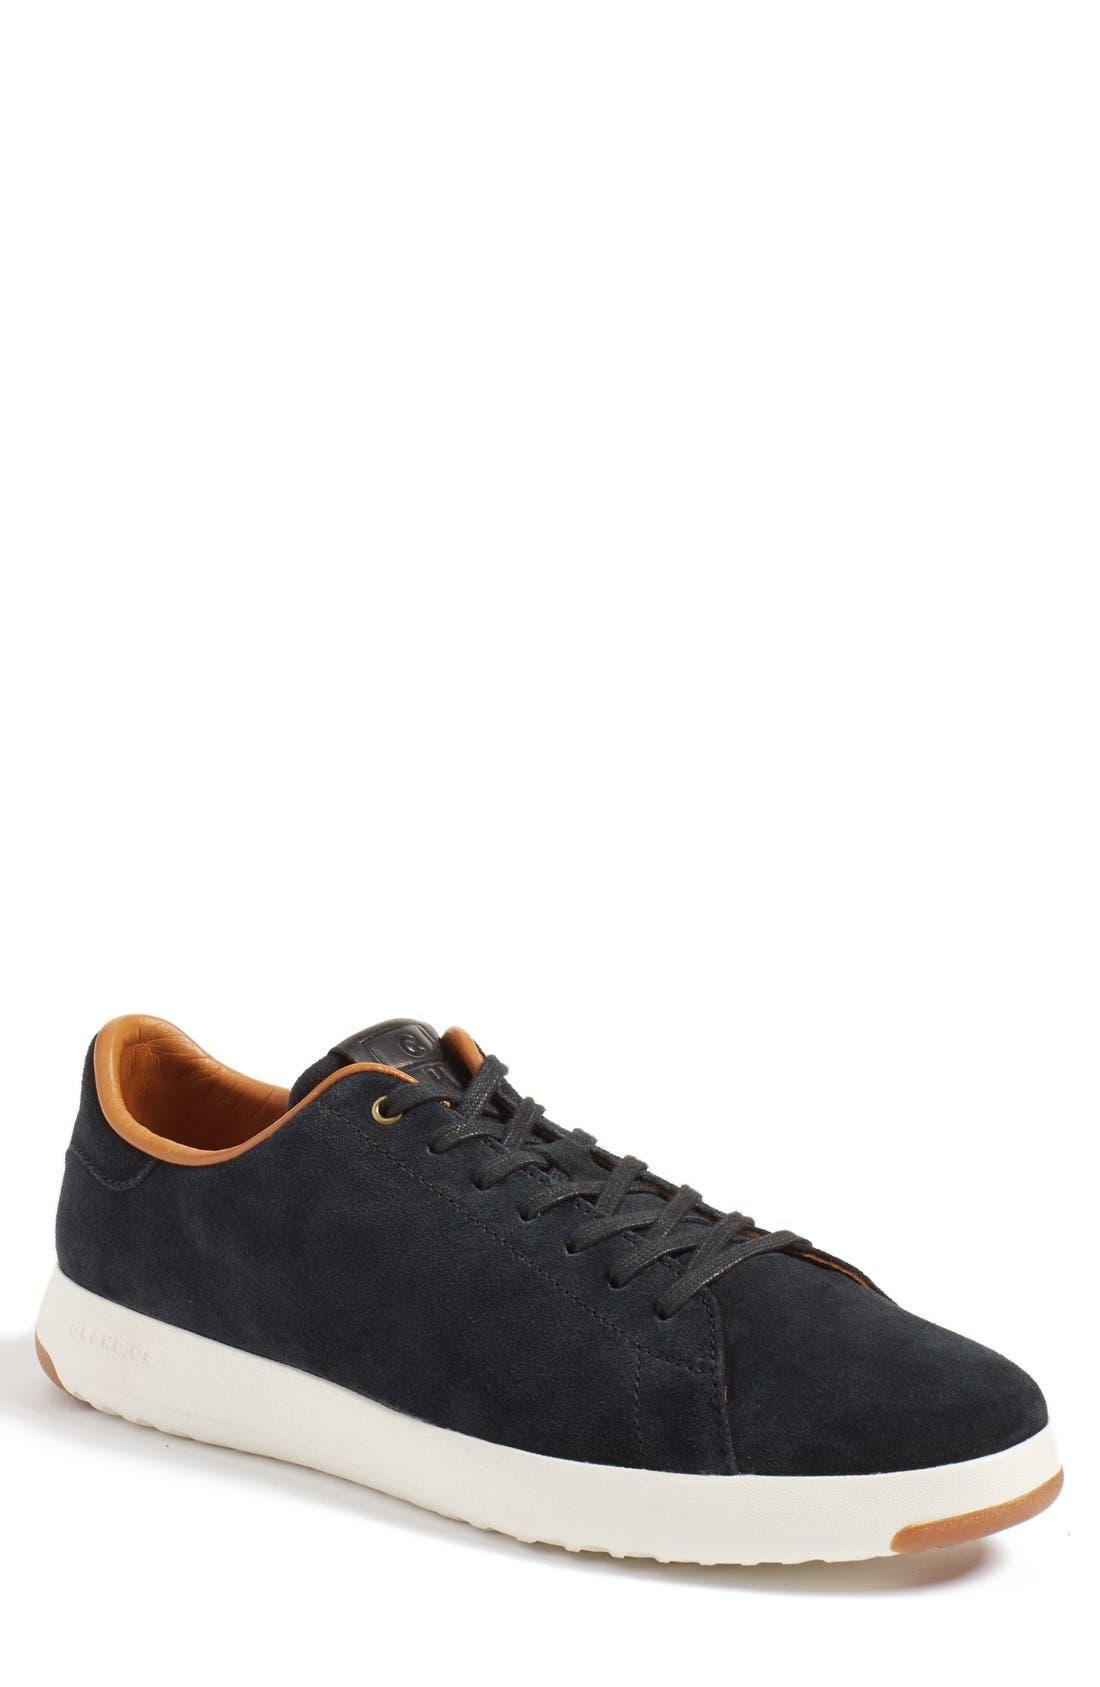 COLE HAAN 'GrandPro' Sneaker